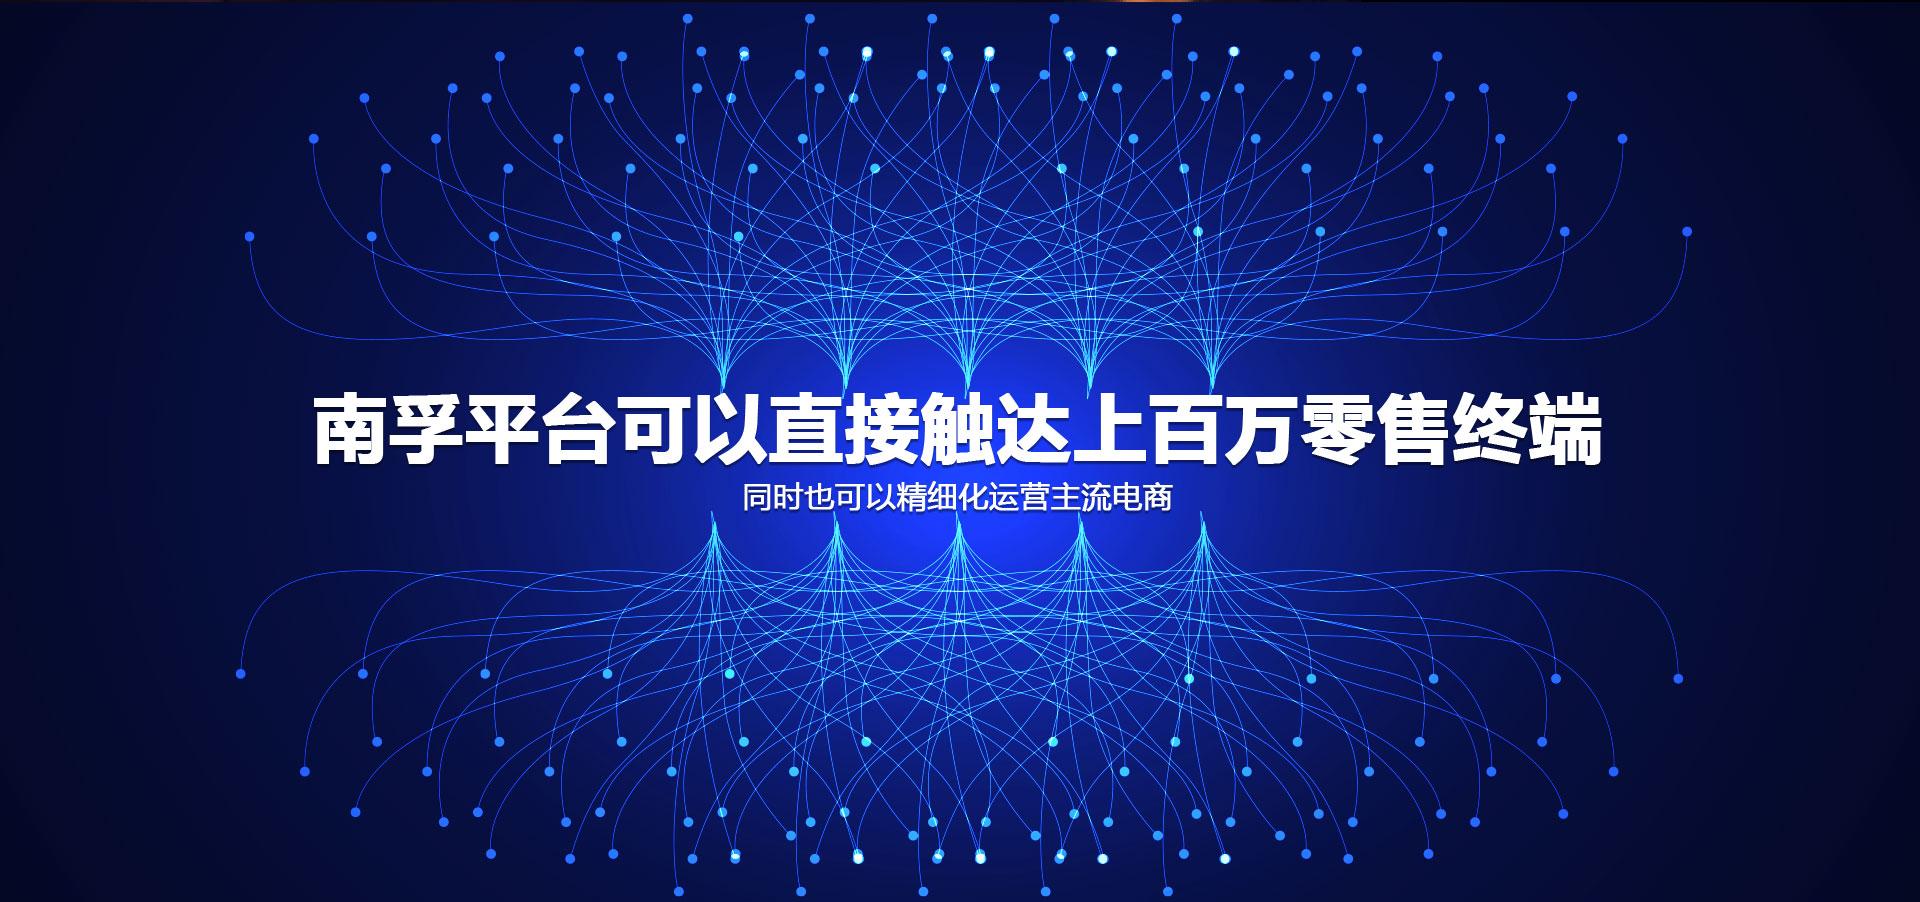 01-未来ballbetapp下载-4切图_09.jpg